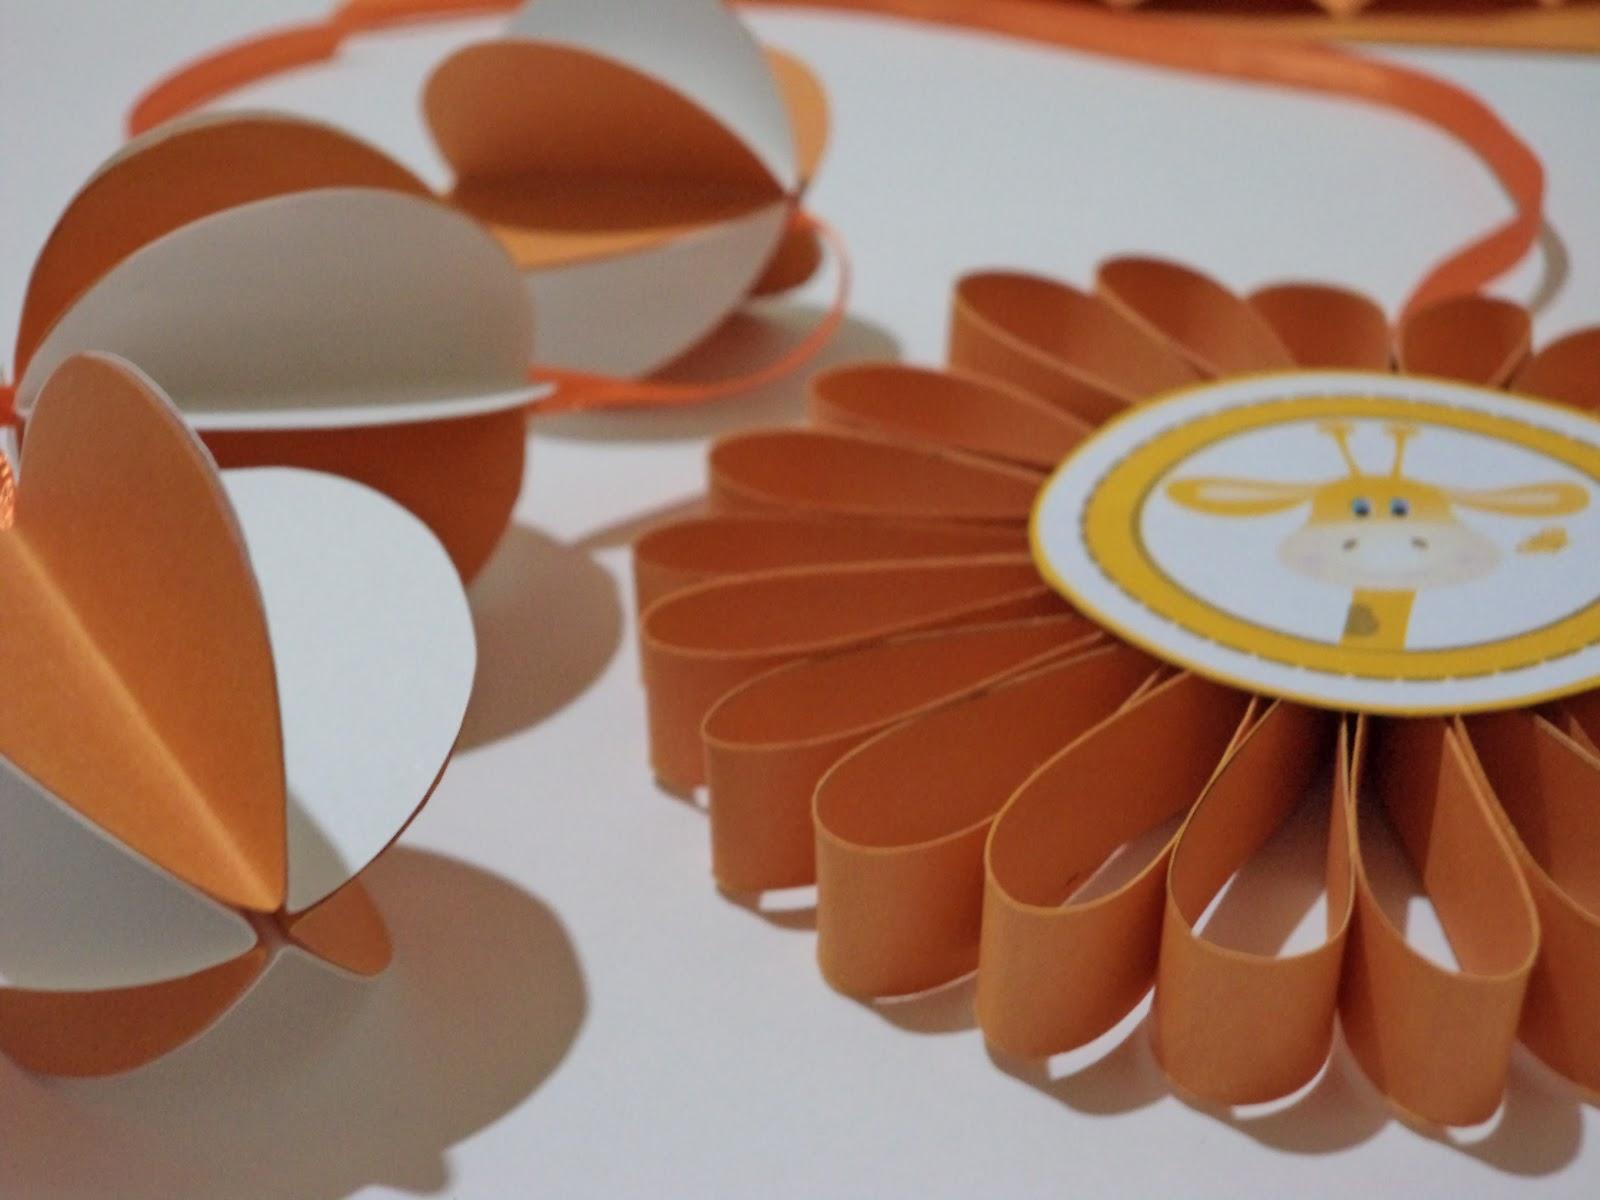 Tarjetas imprimibles decoraciones para fiestas tattoo for Decoraciones para fiestas